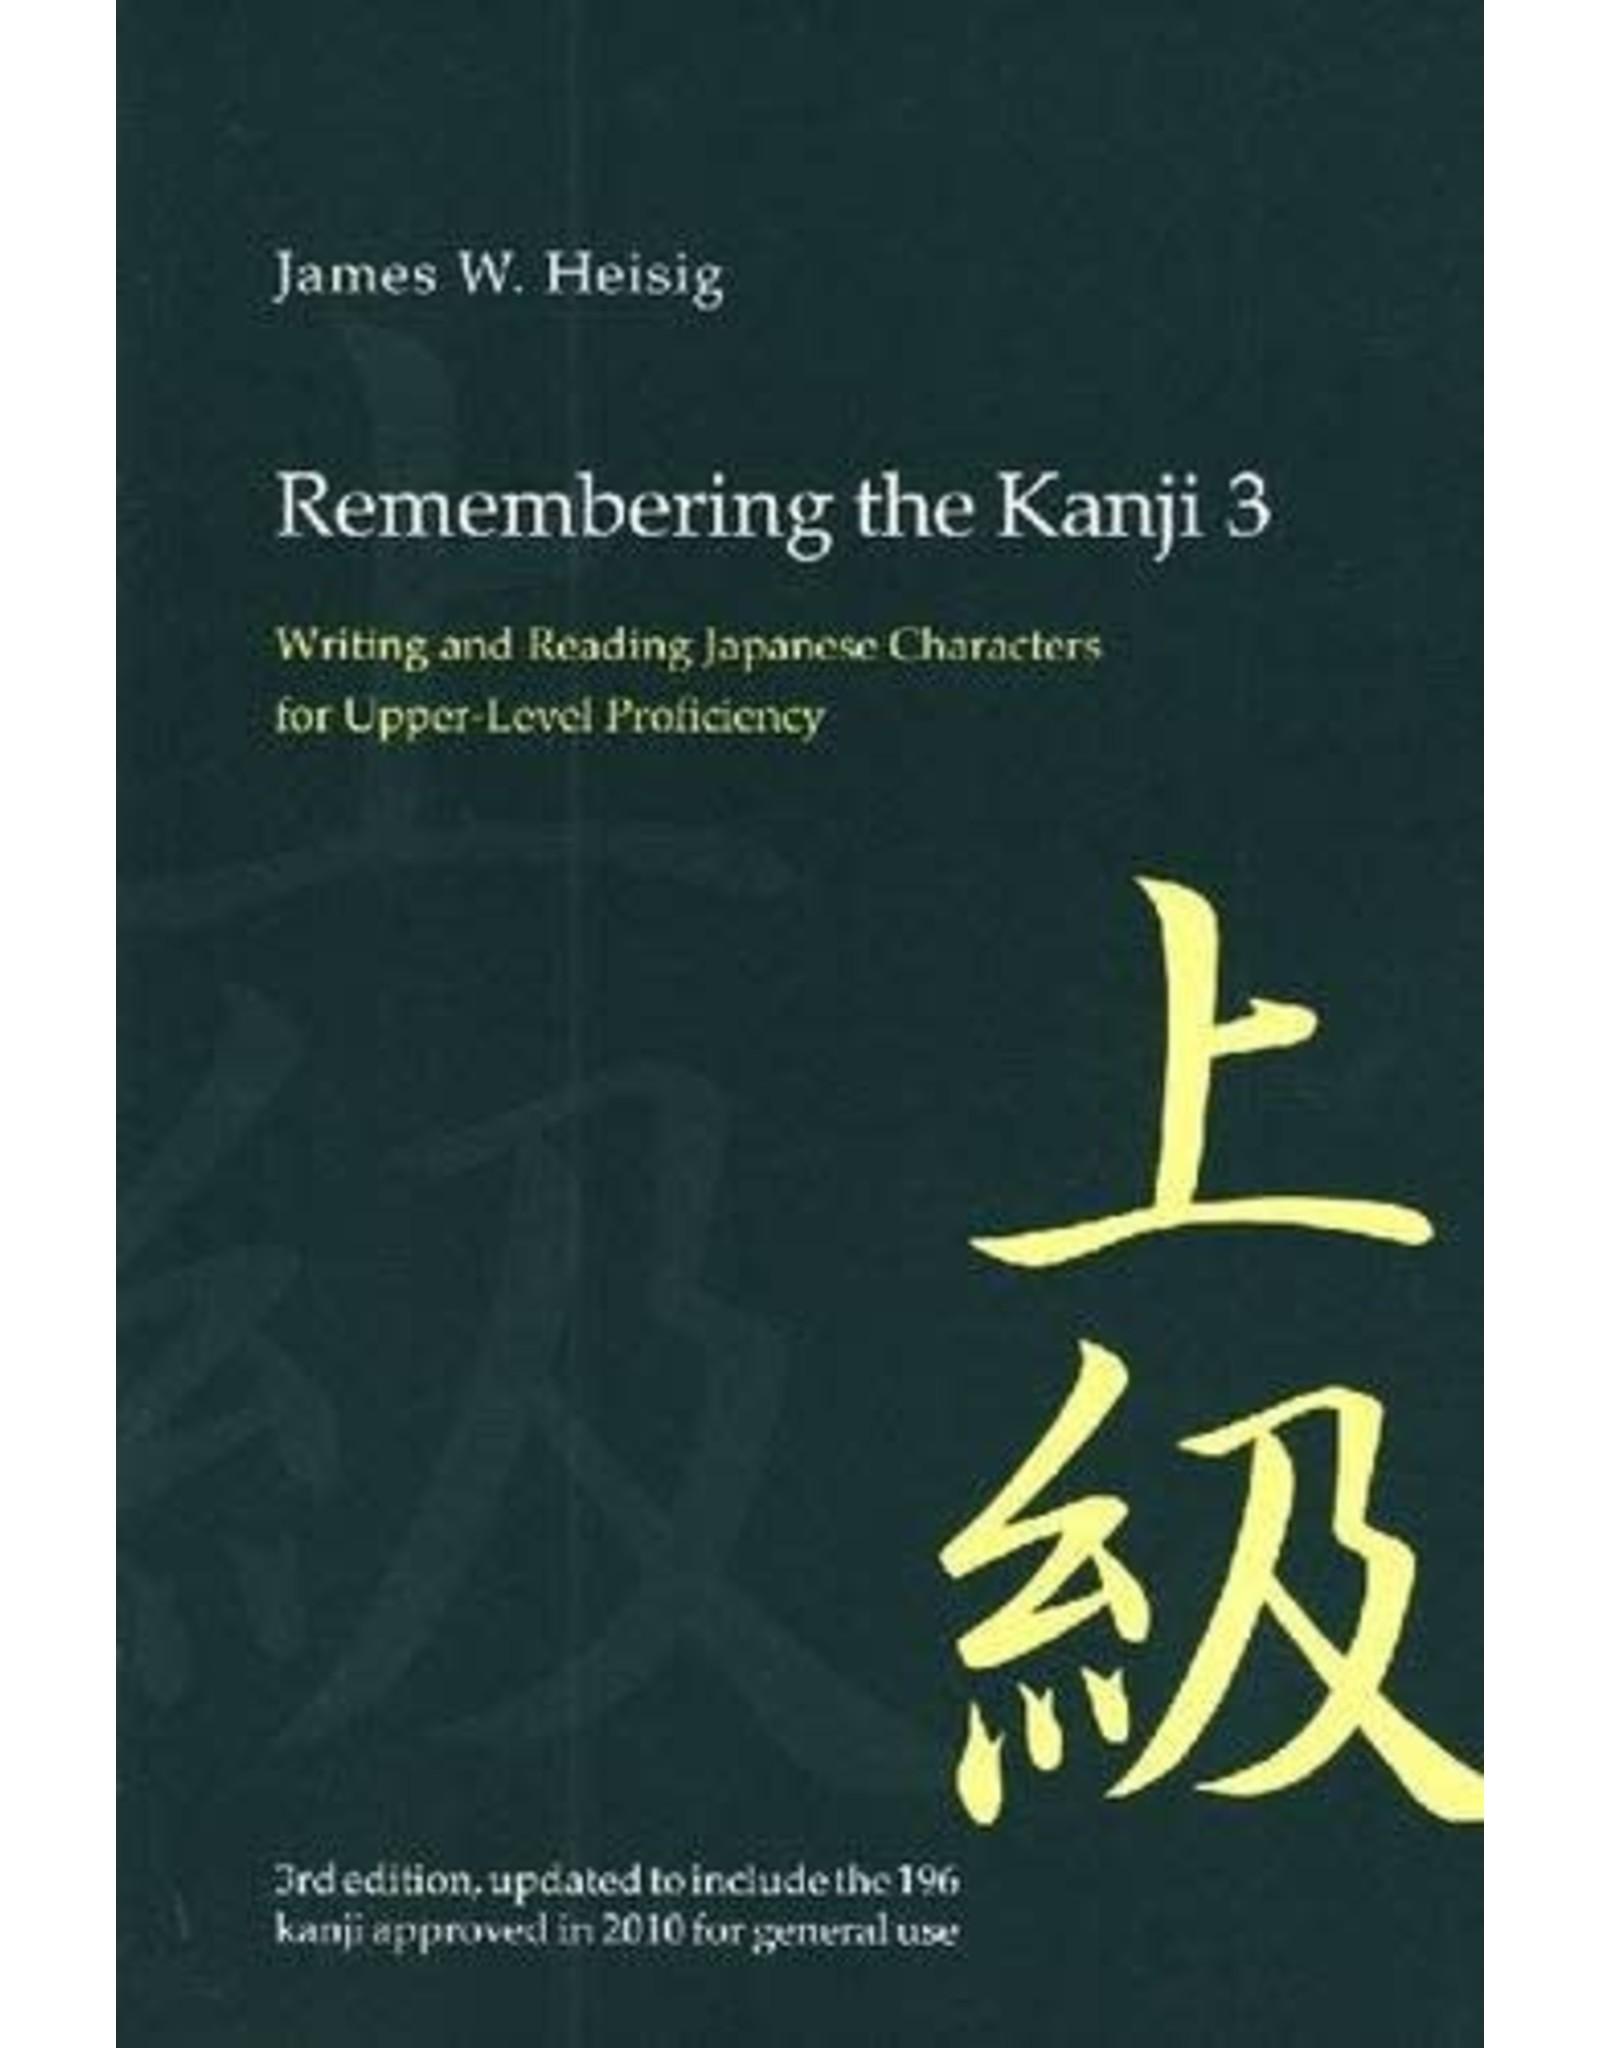 REMEMBERING THE KANJI VOL.3